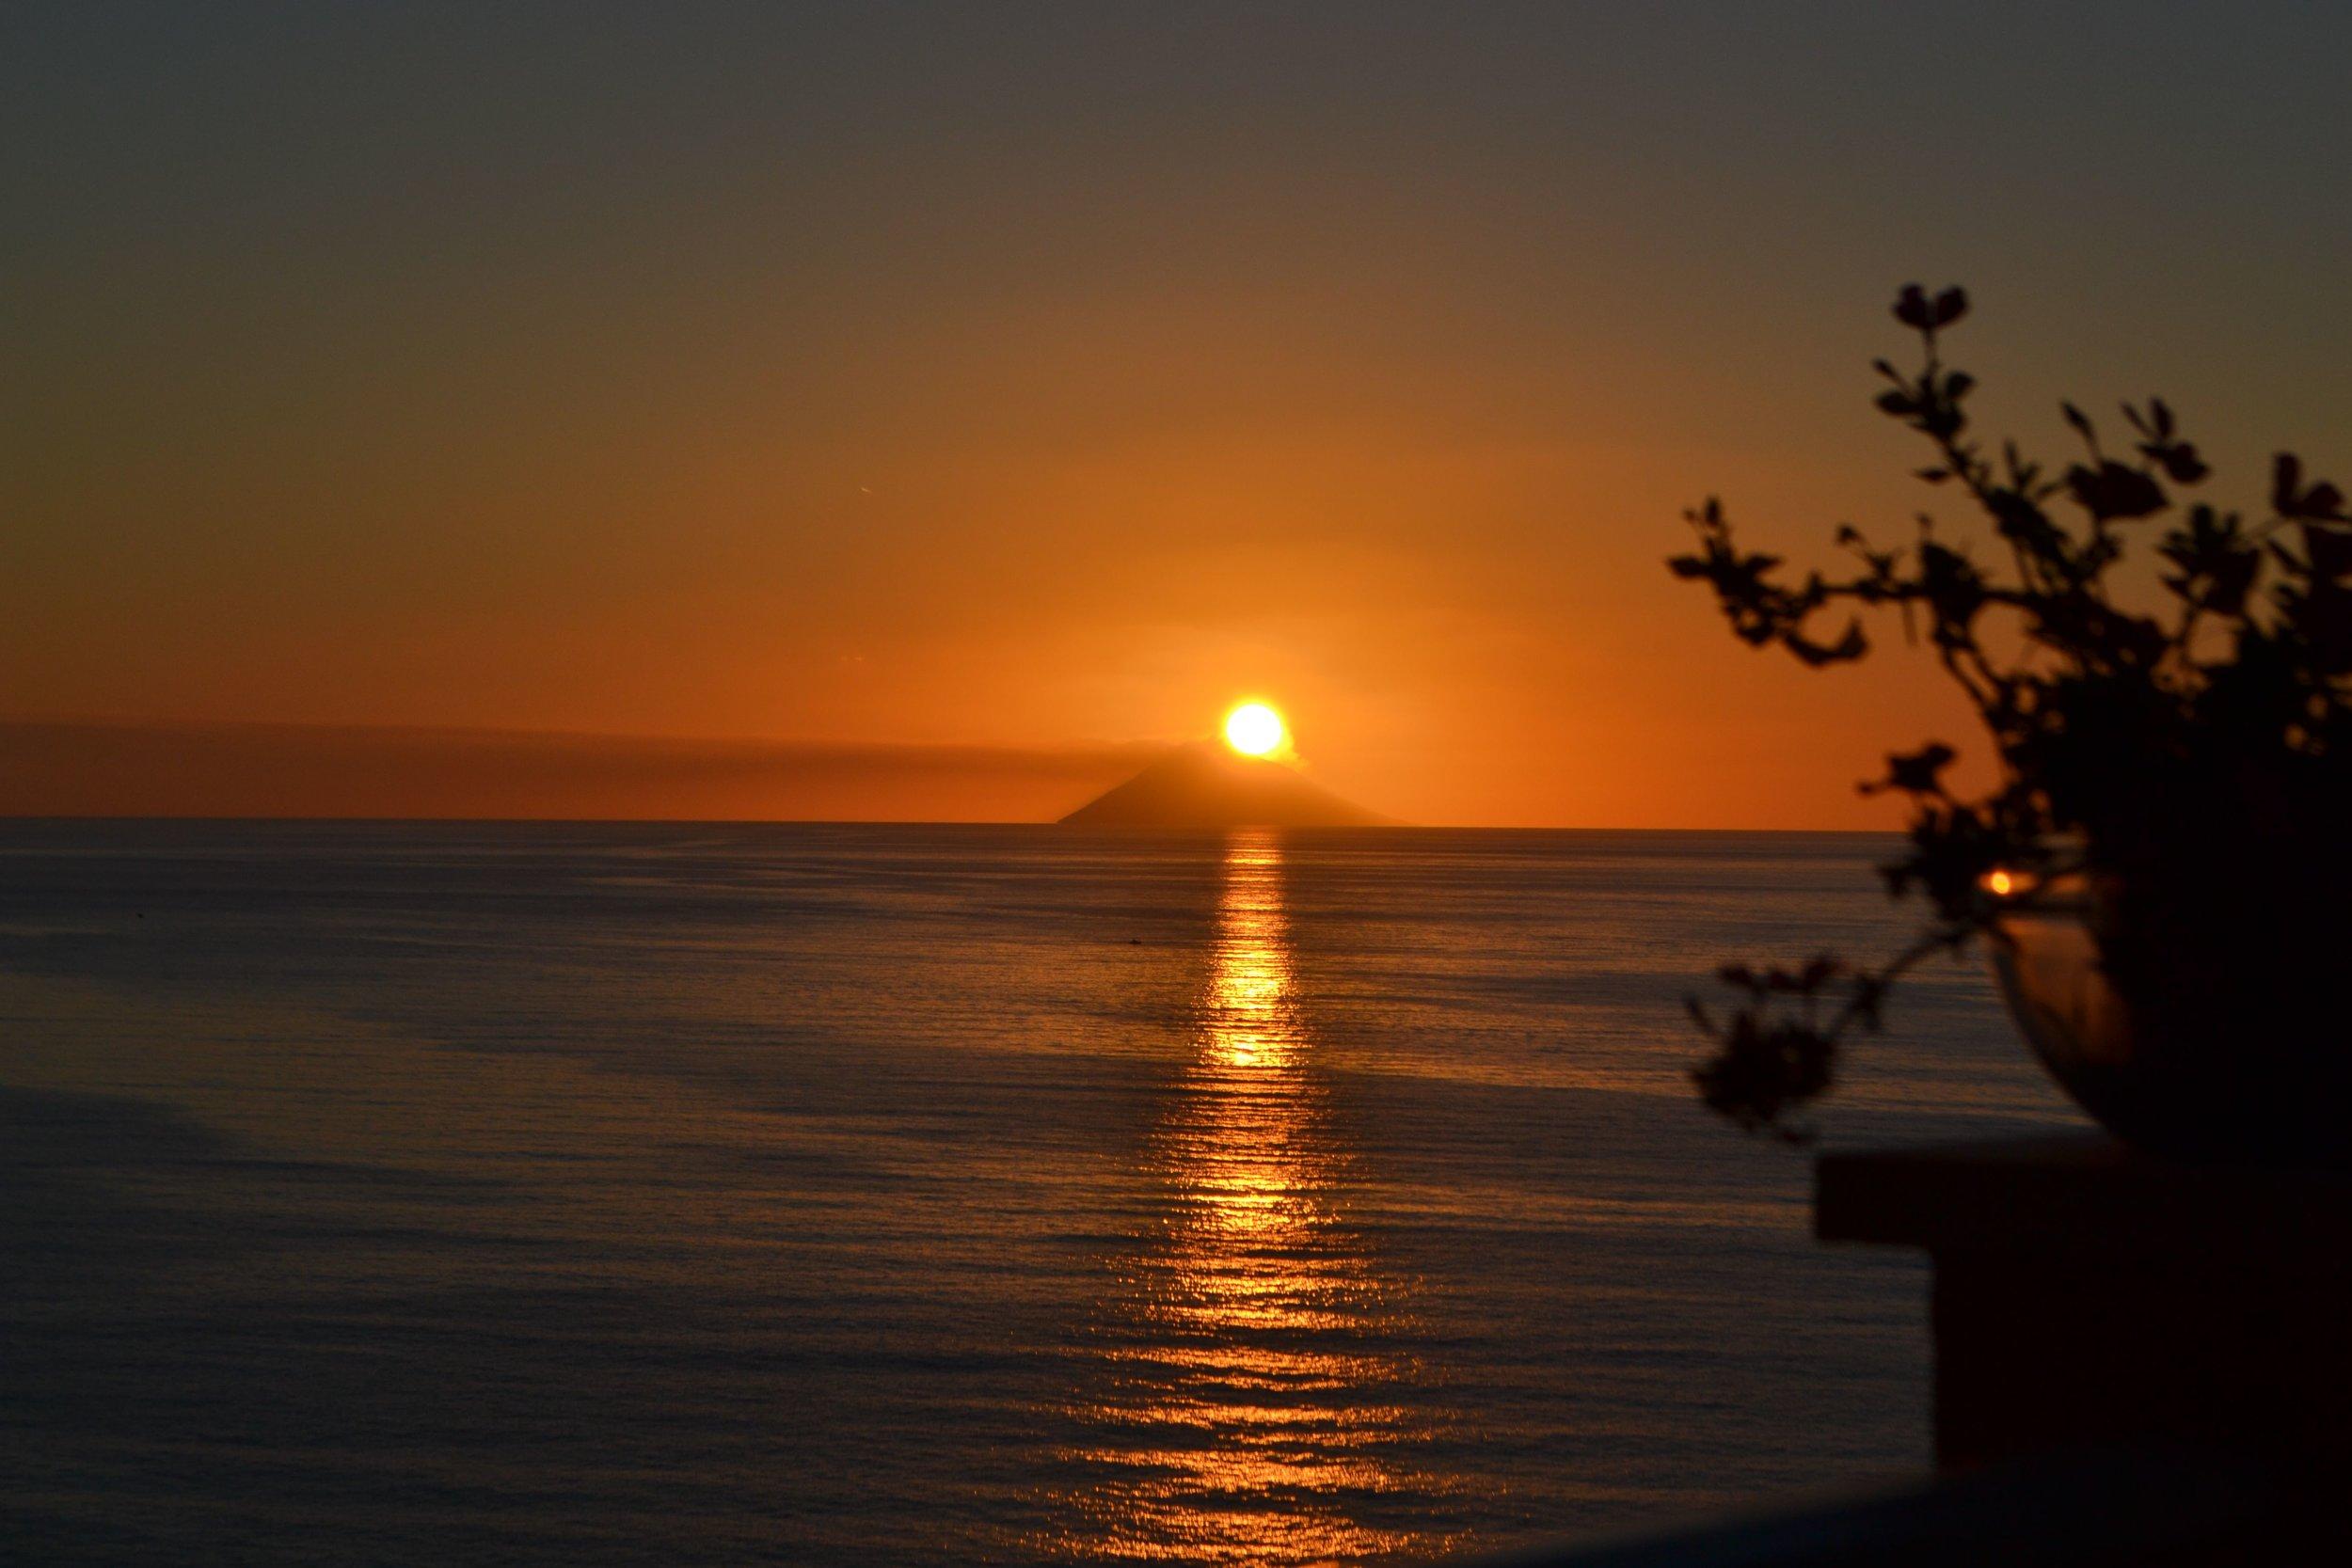 sunset on stromboli.jpg